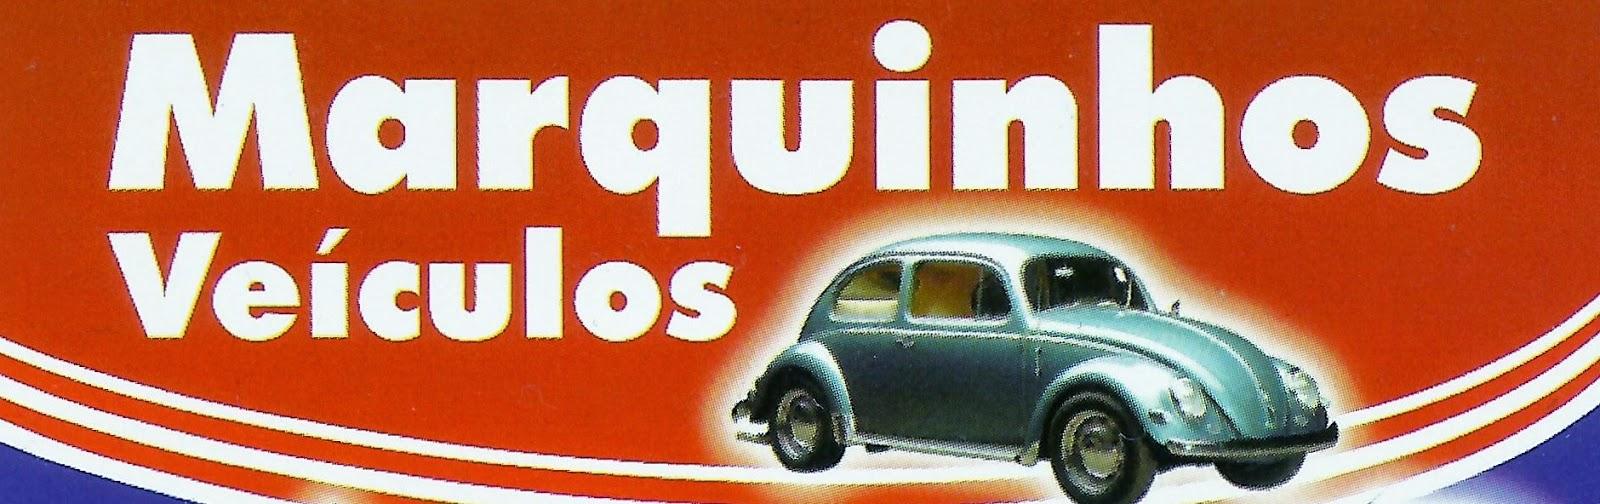 MARQUINHOS VEÍCULO E AUTO SOCORRO Rua. Irma Ernestina, 734 / 744 Bairro Vale Dom Bosco - Itapeva - SP tel: (15) 3522-1596 / 99713-6773